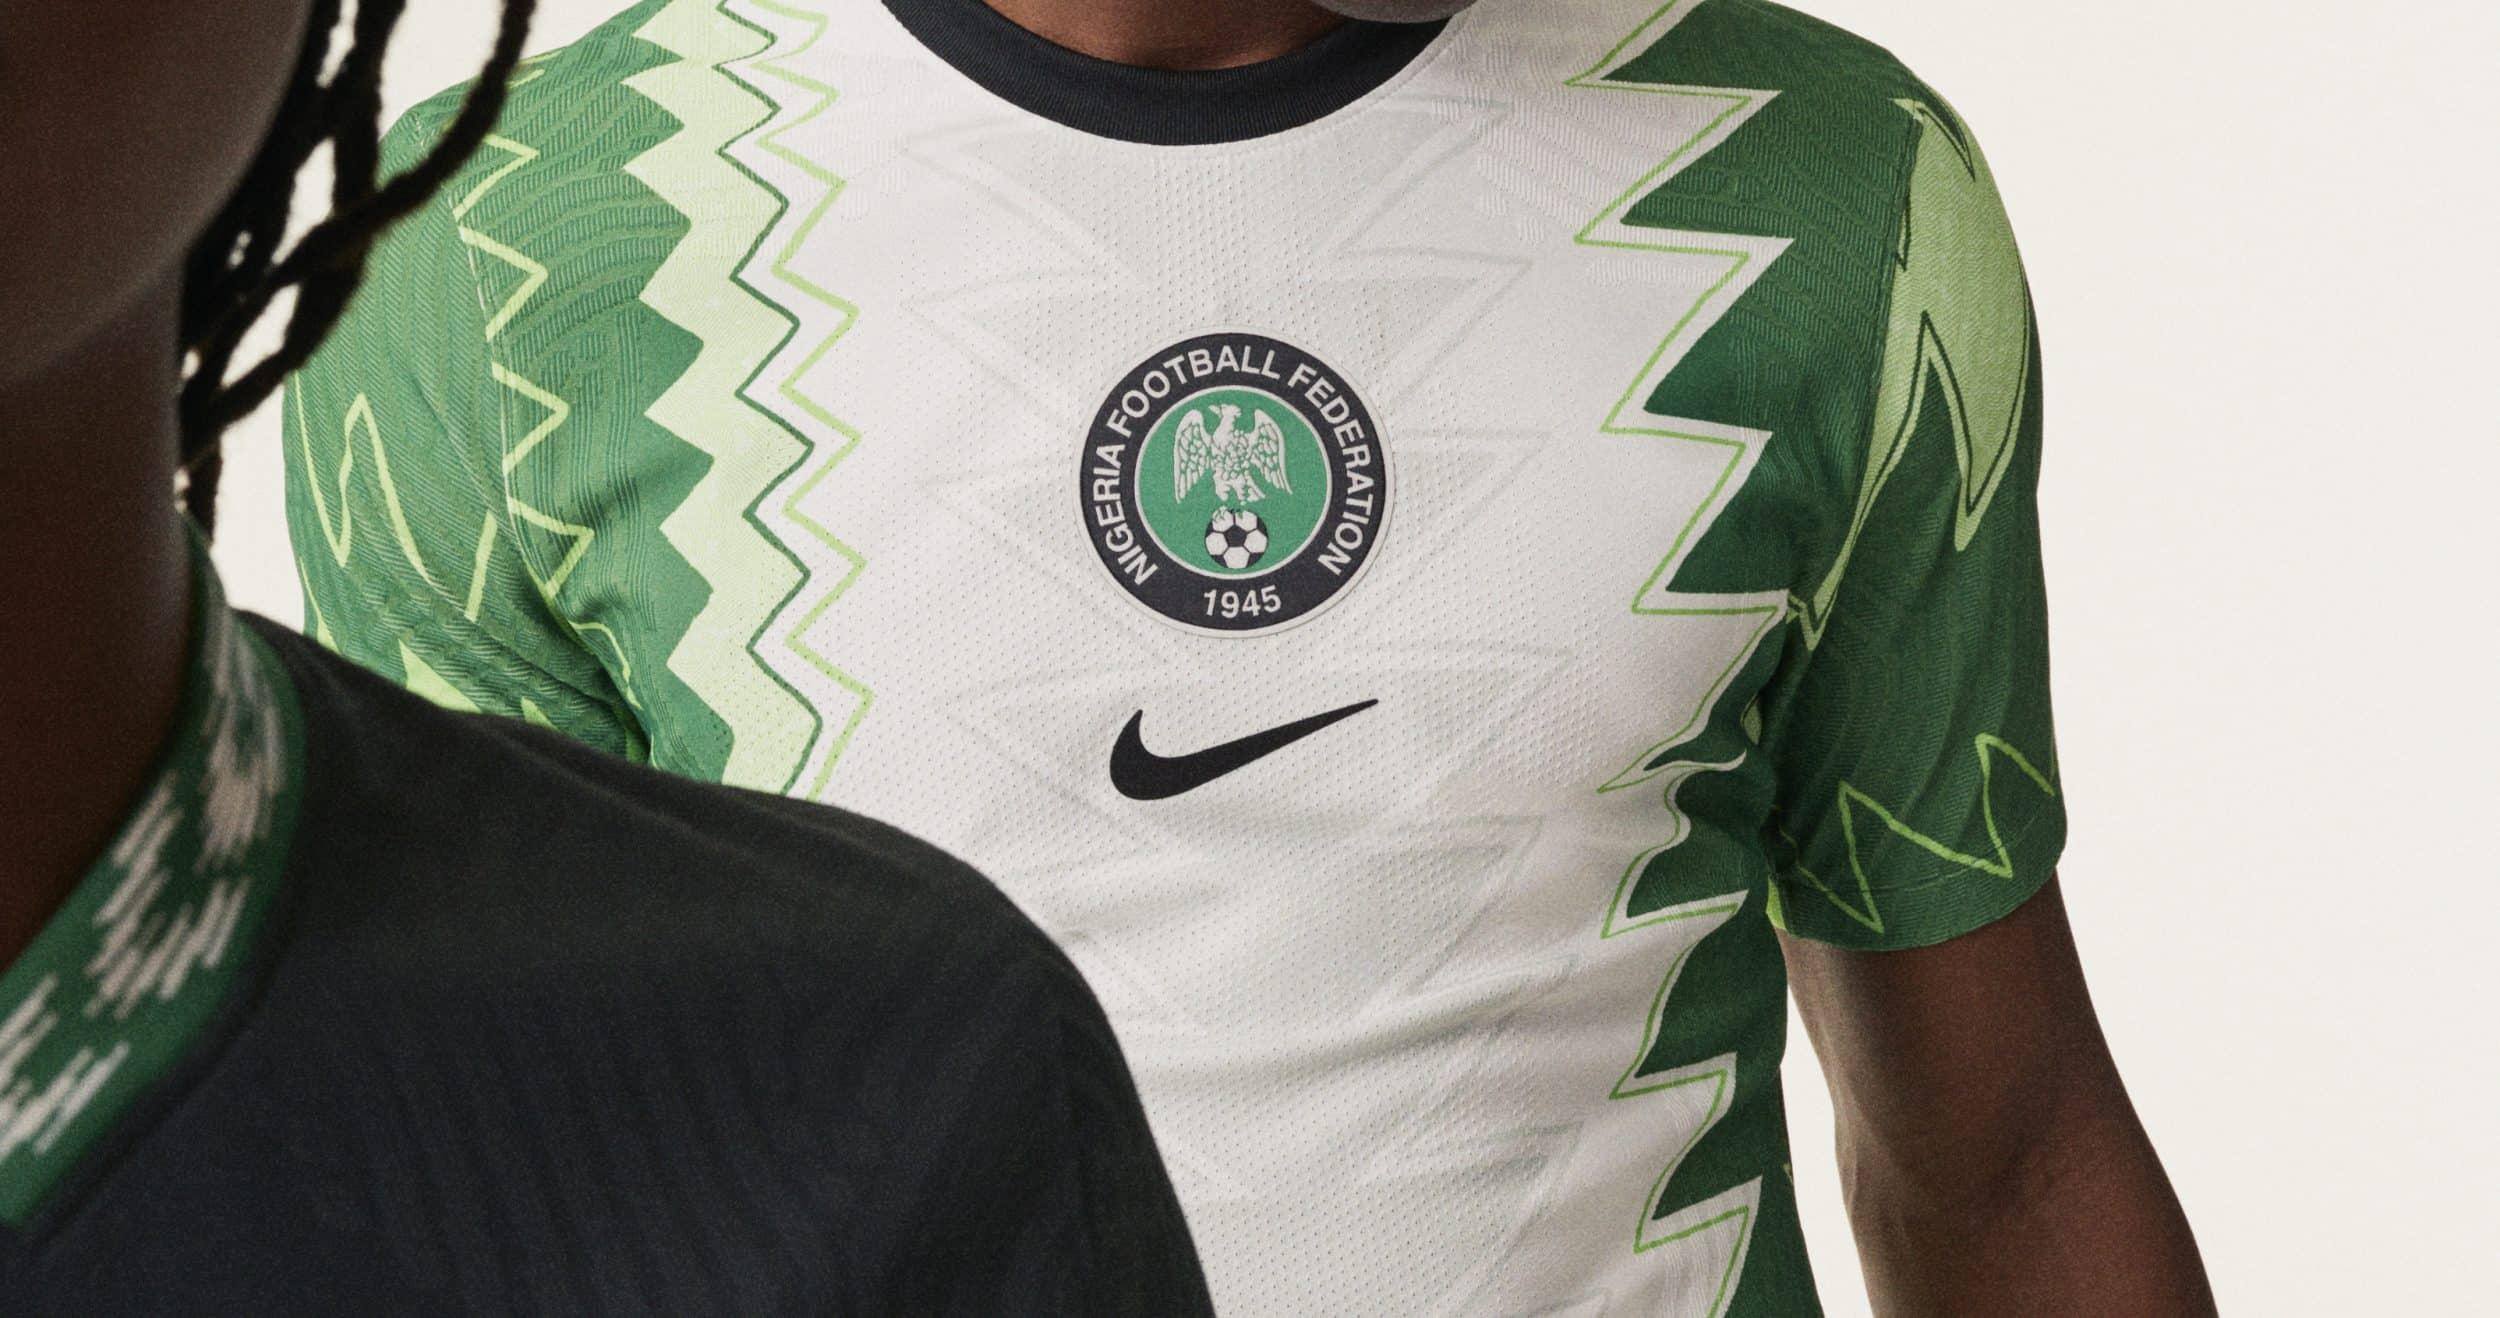 Nike dévoile les nouveaux maillots de ses sélections